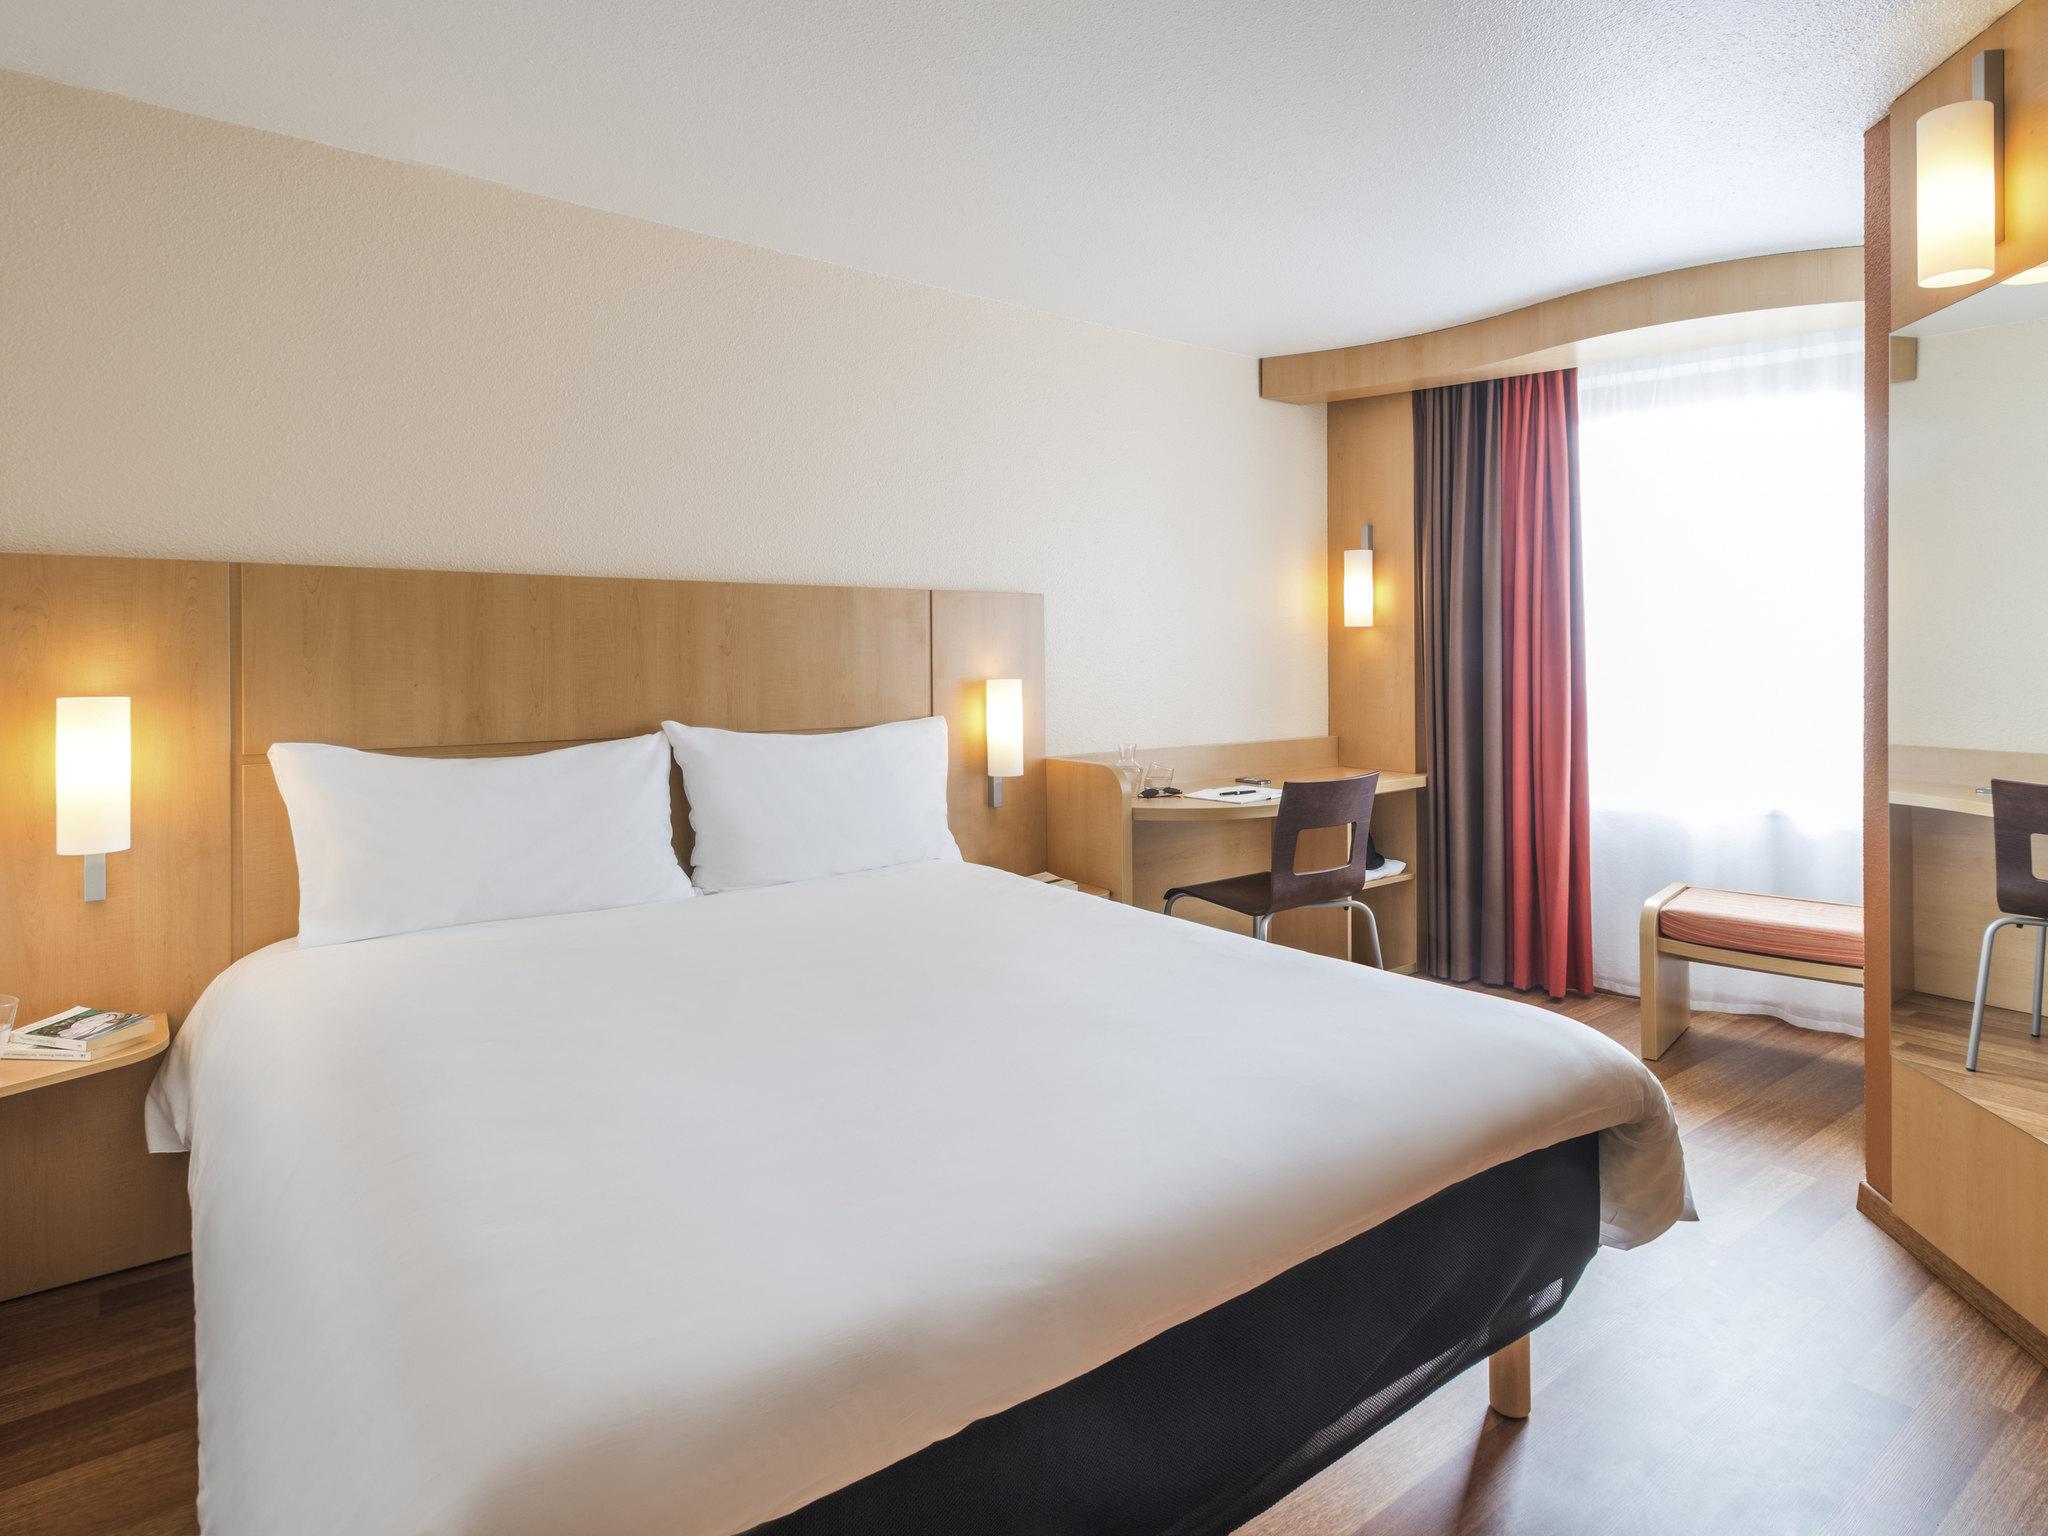 酒店 – 宜必思南特中心布列塔尼大厦酒店